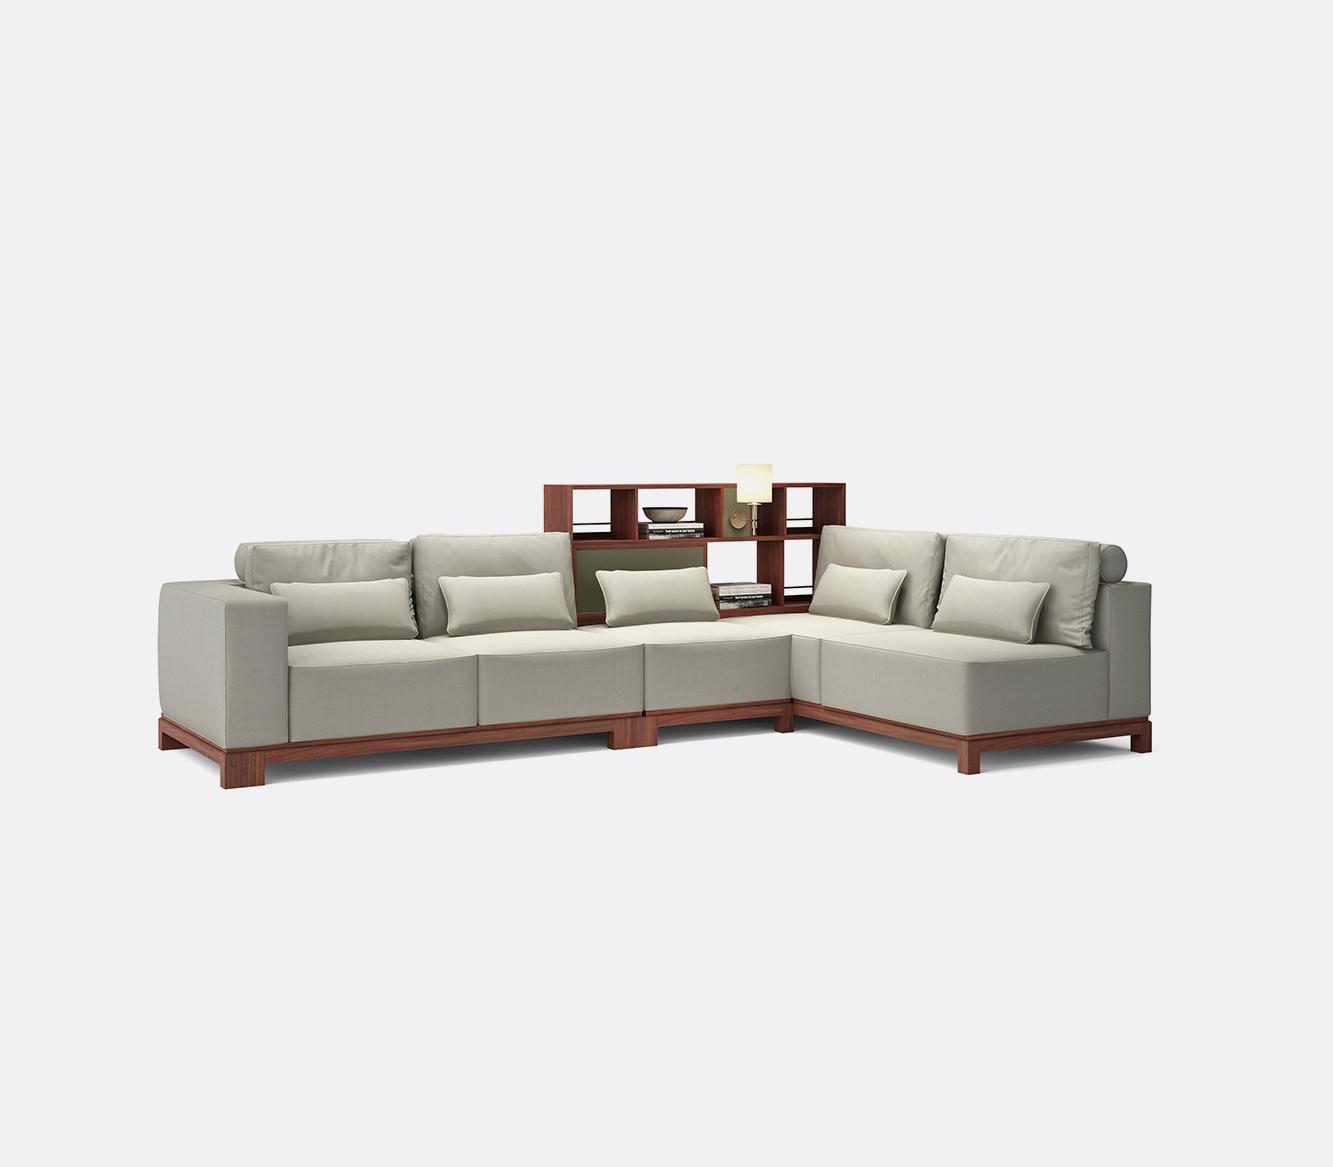 建筑师组合沙发   Y-61a1 / a2